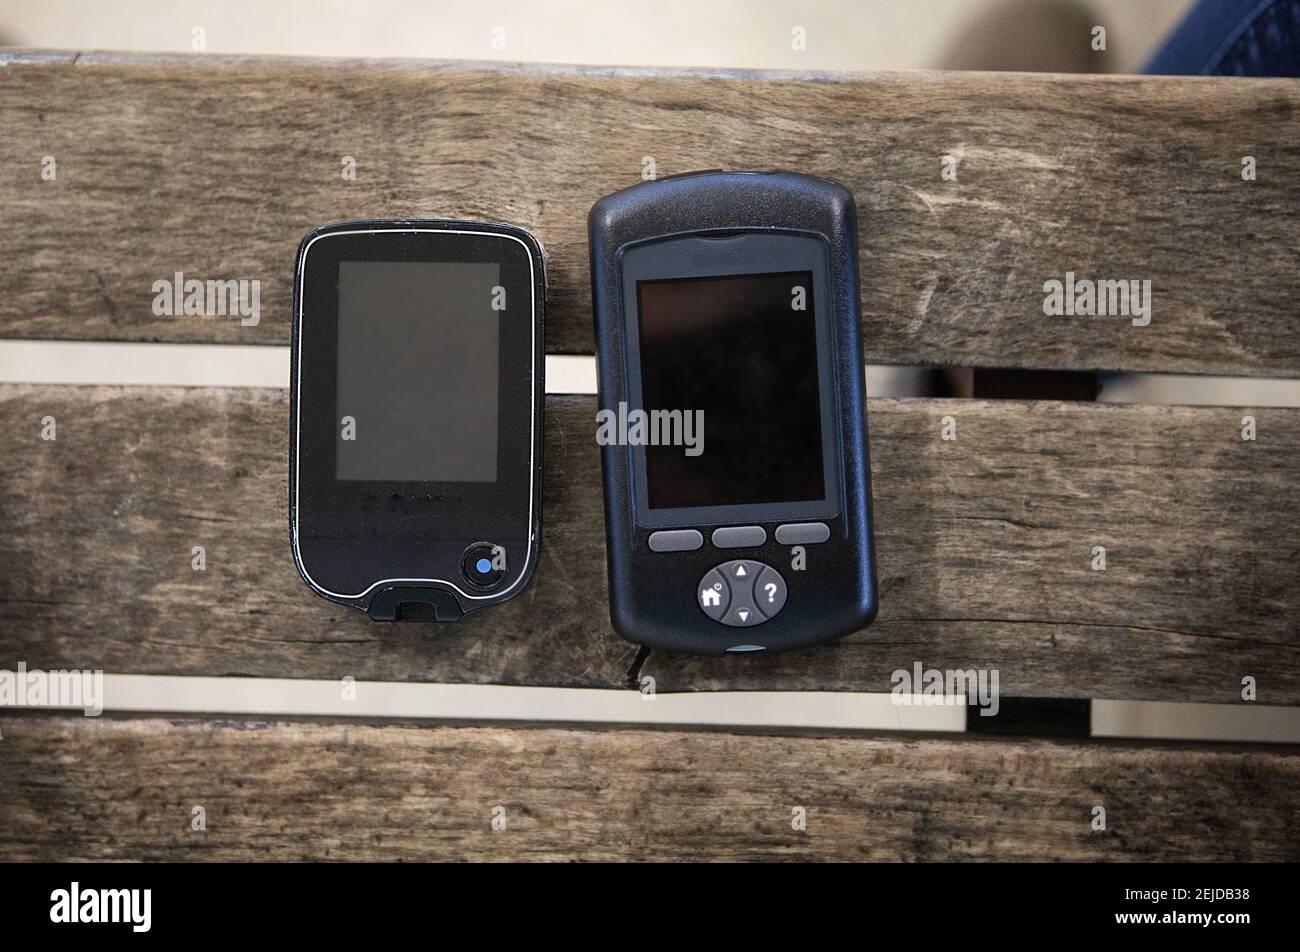 Sensore di glucosio nel sangue per il controllo dello zucchero nel sangue e una pompa per insulina per la somministrazione di insulina. Foto Stock